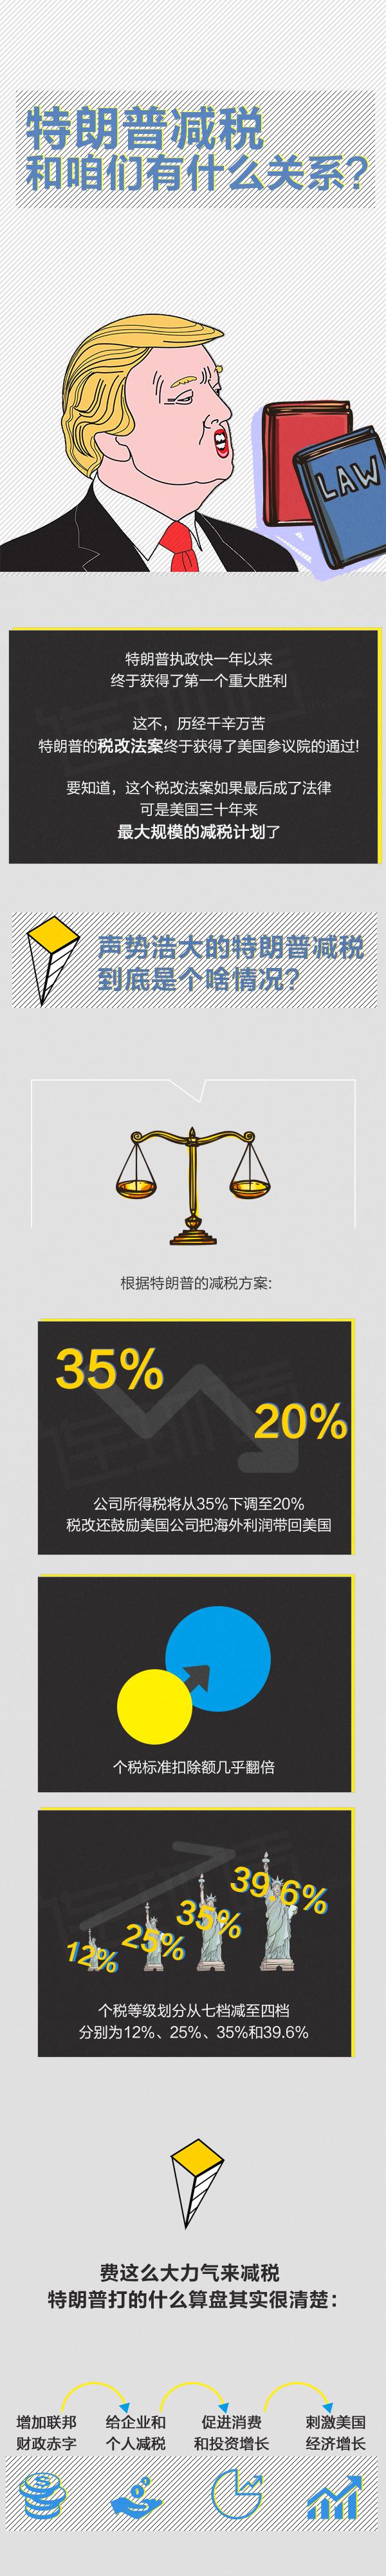 美国减税对中国的影响是什么?特朗普减税和咱们有什么关系?一张图看懂美国减税对中国的影响。